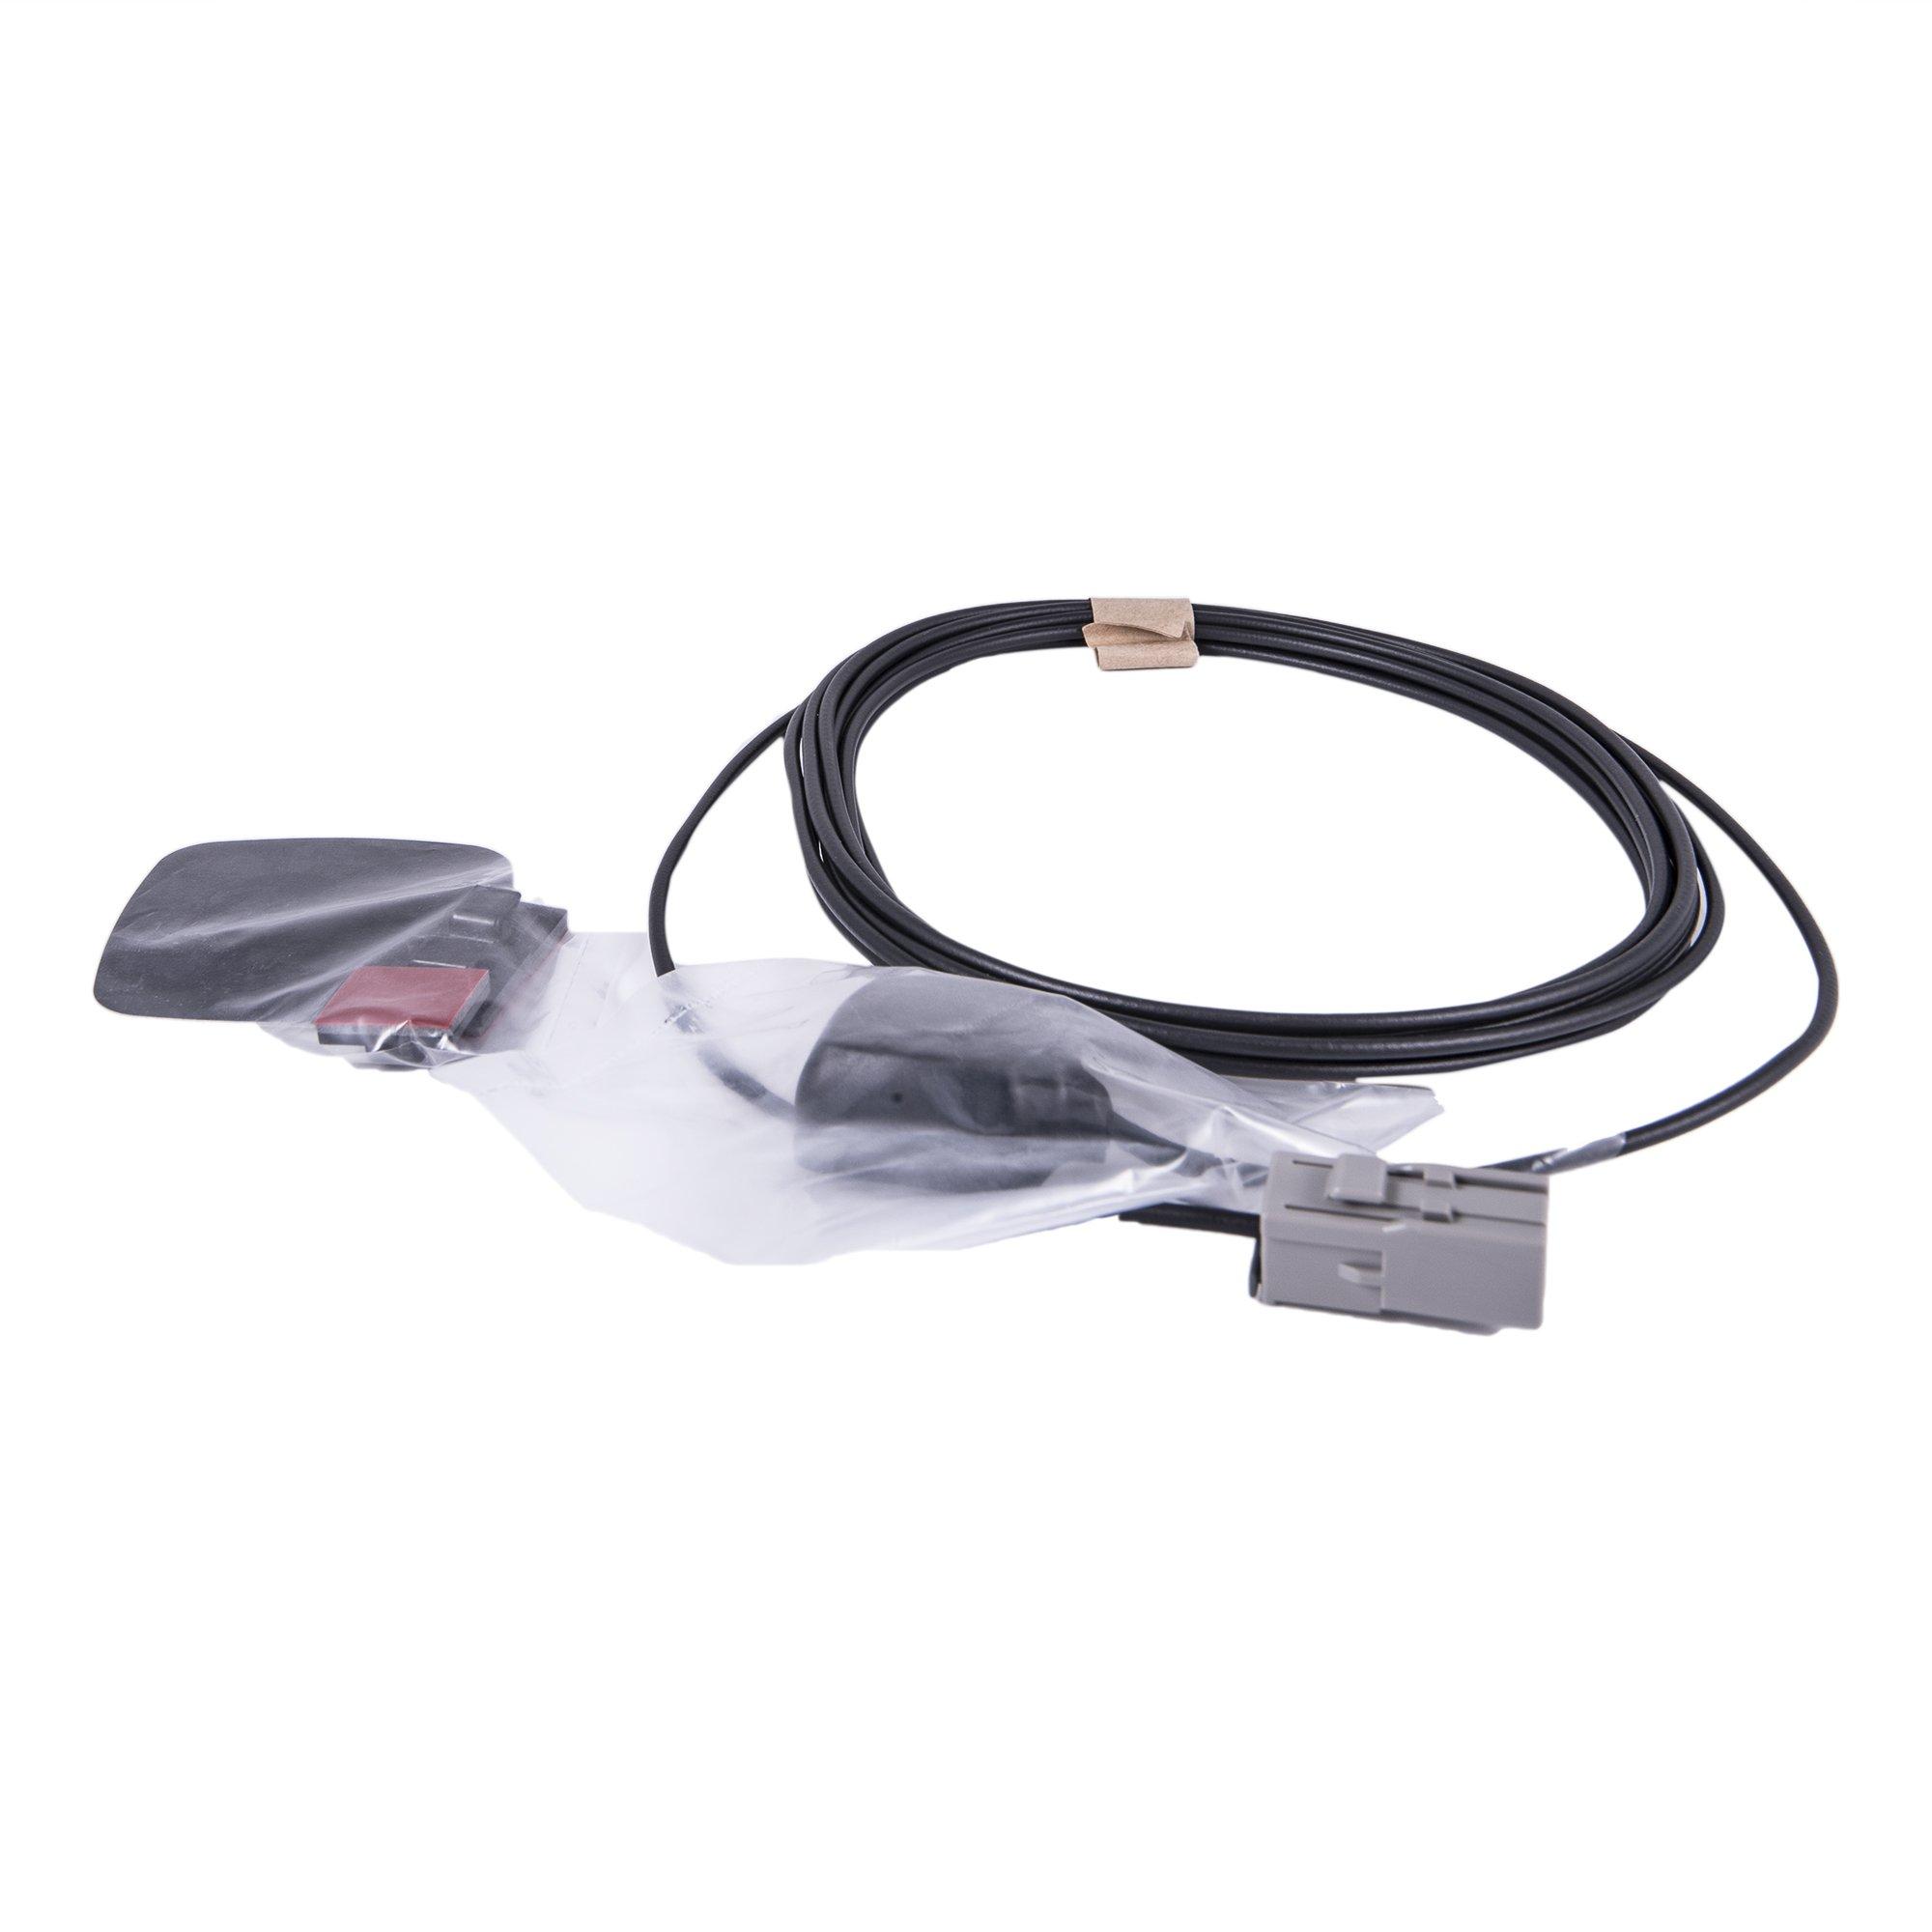 I207WRA I209GM I209WRA ILX207 ILXF309 ILXF309FRN ILXF309TCM ILXF309TND X208U X209WRA OEM Genuine GPS Antenna (85-34947Z01)